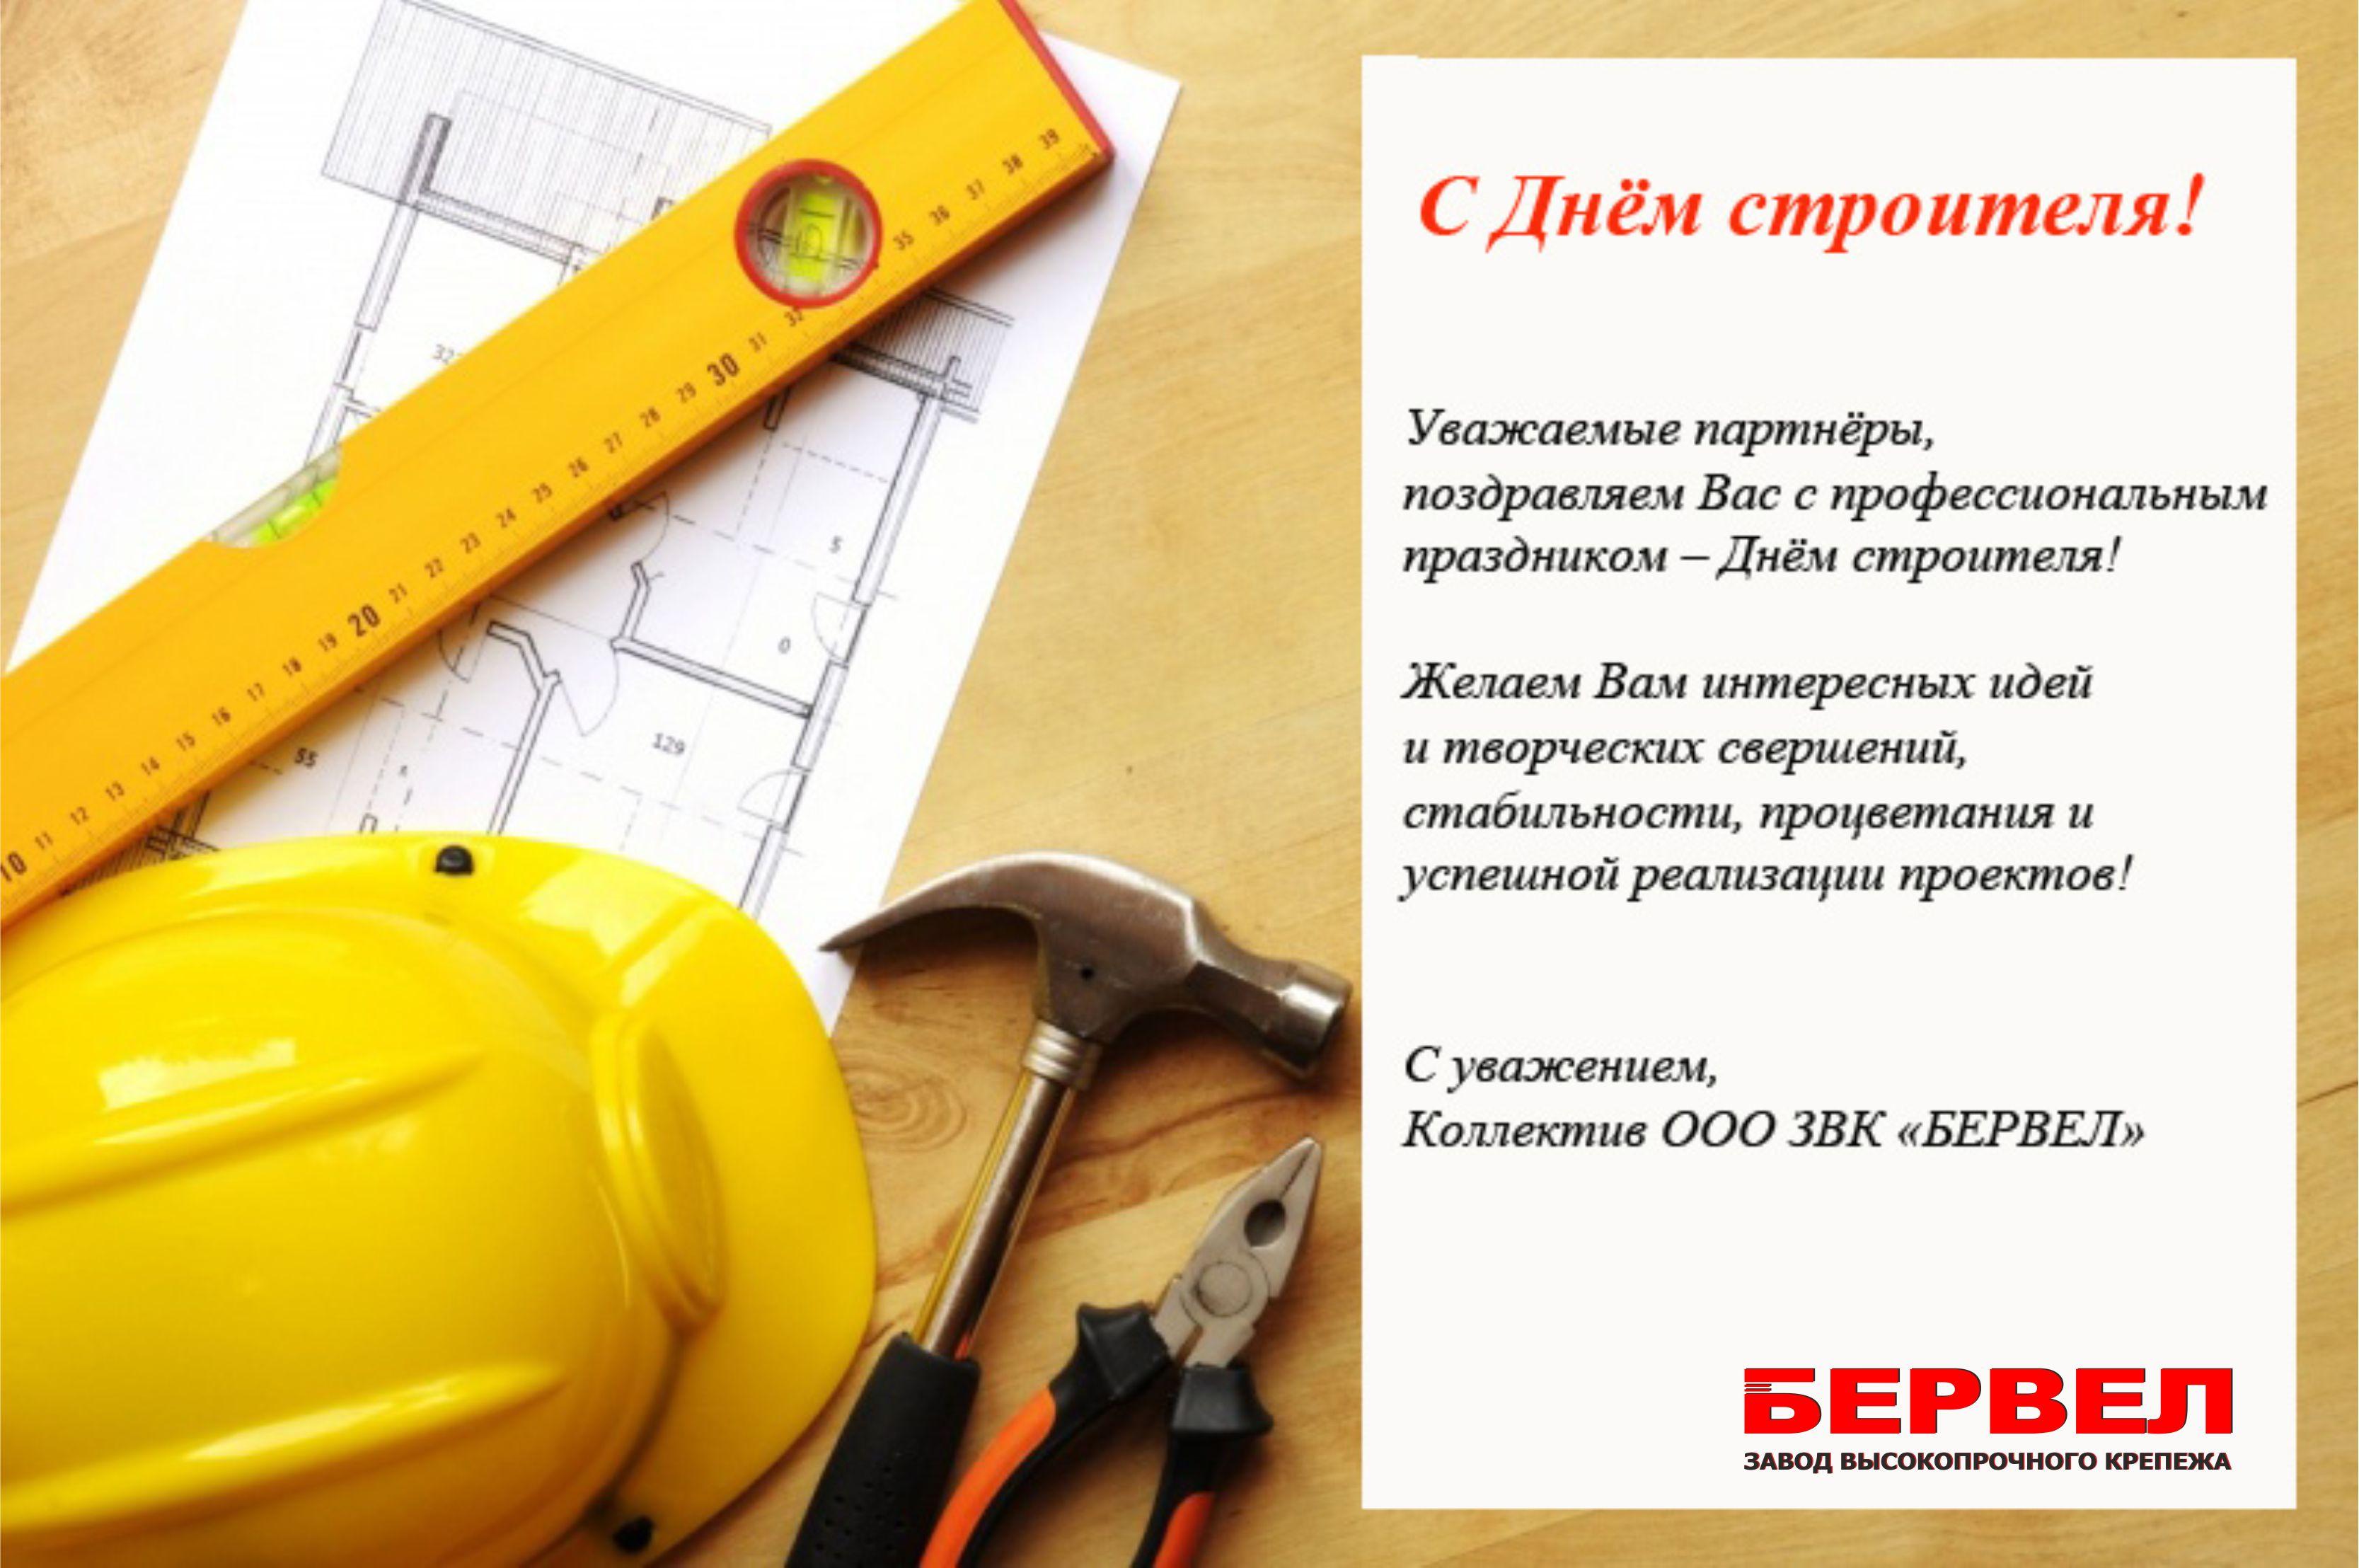 Тосты для строителей